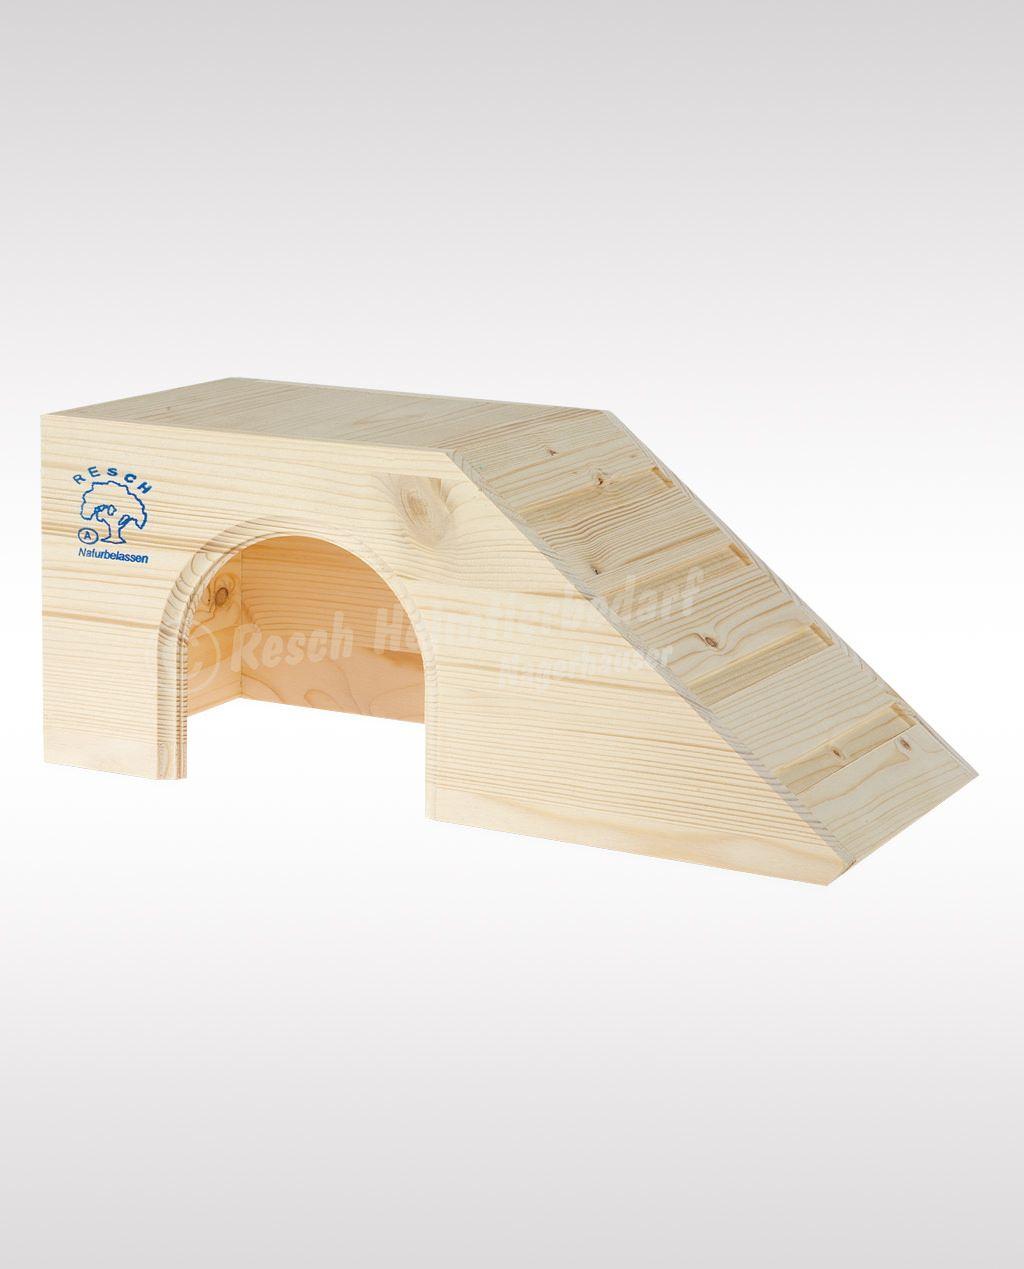 Produkte Archiv Heimtierbedarf Resch Nagerhaus Heimtierbedarf Meerschweinchen Haus Meerschweinchenstall